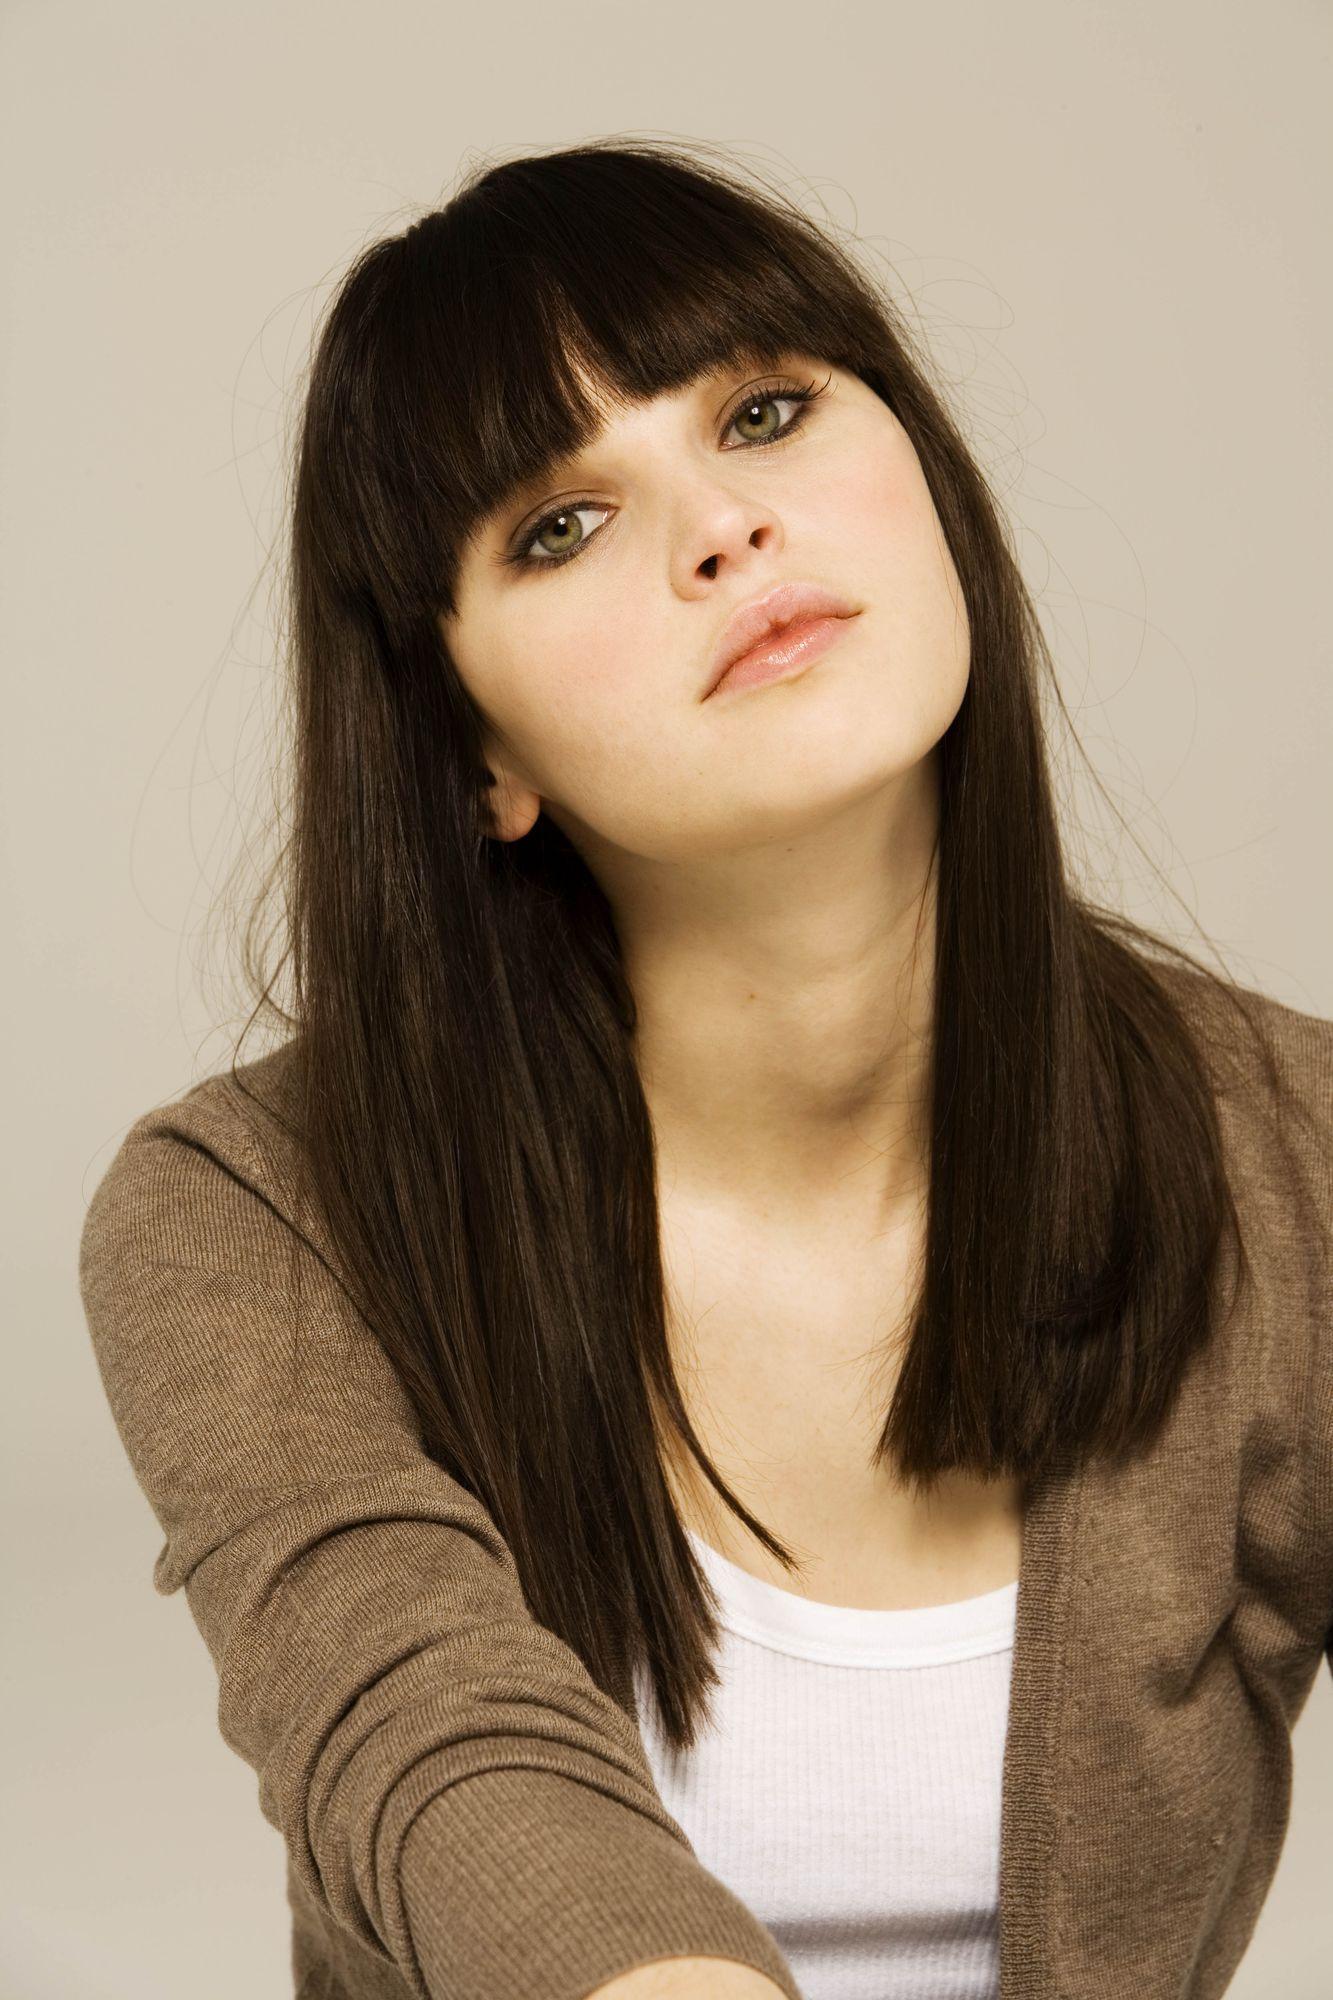 Digitalminx Com Actresses Felicity Jones Page 1